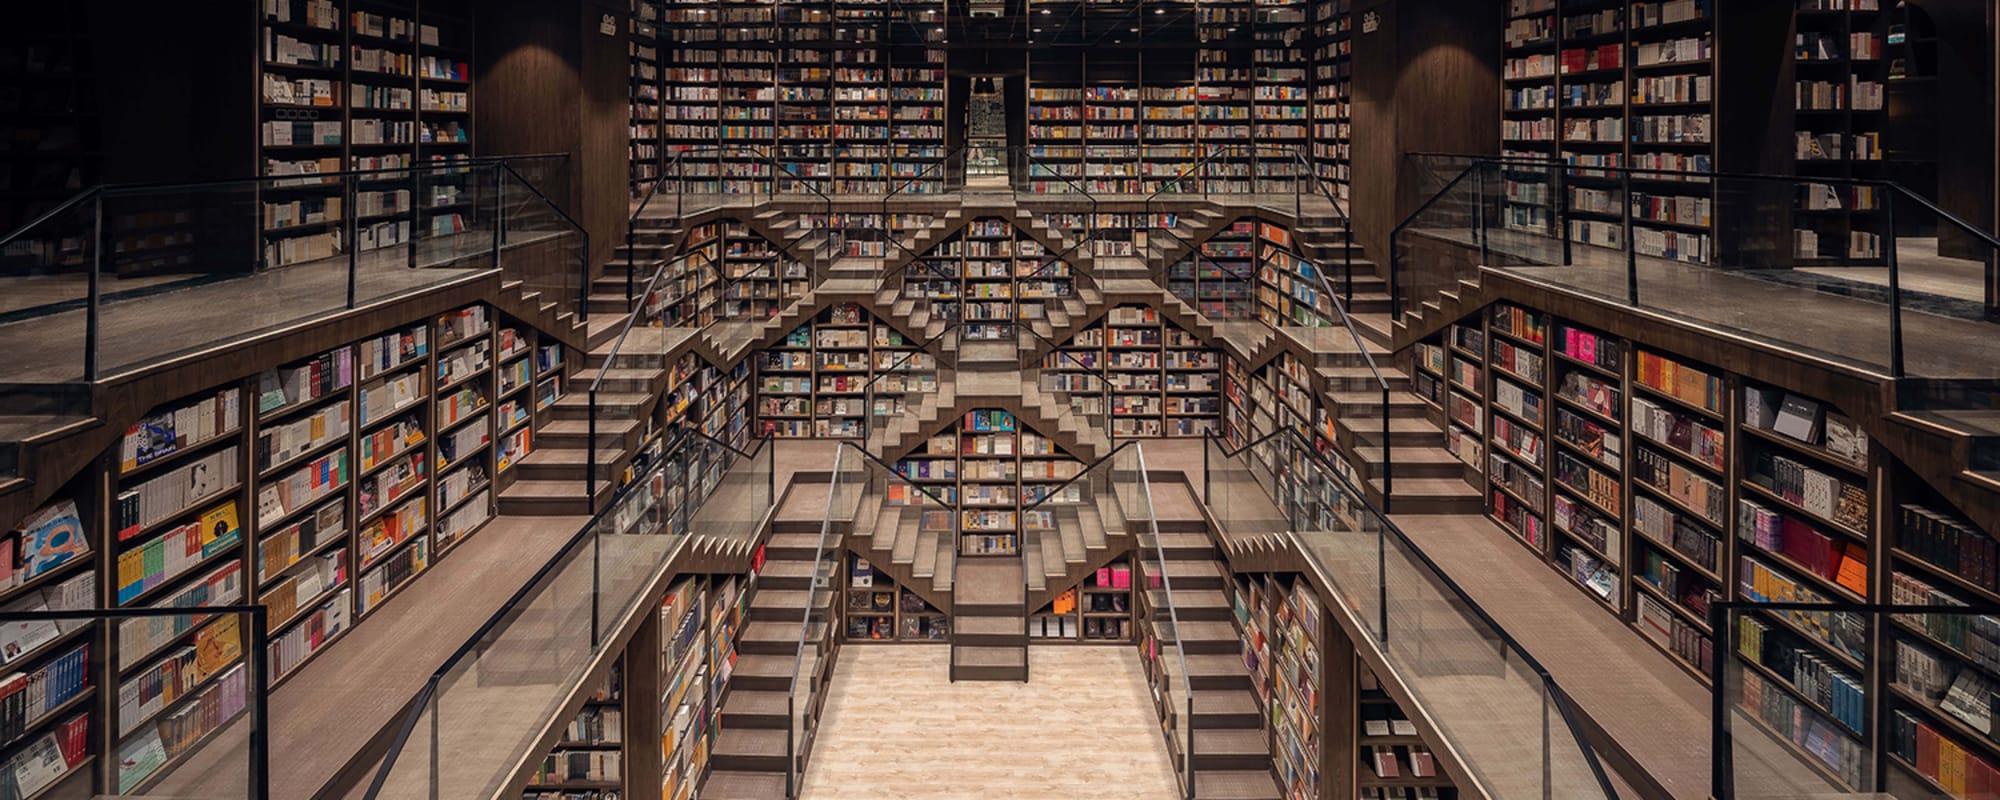 Buchhandlung, Chongqing Zhongshuge Bookstore, China, X+Living